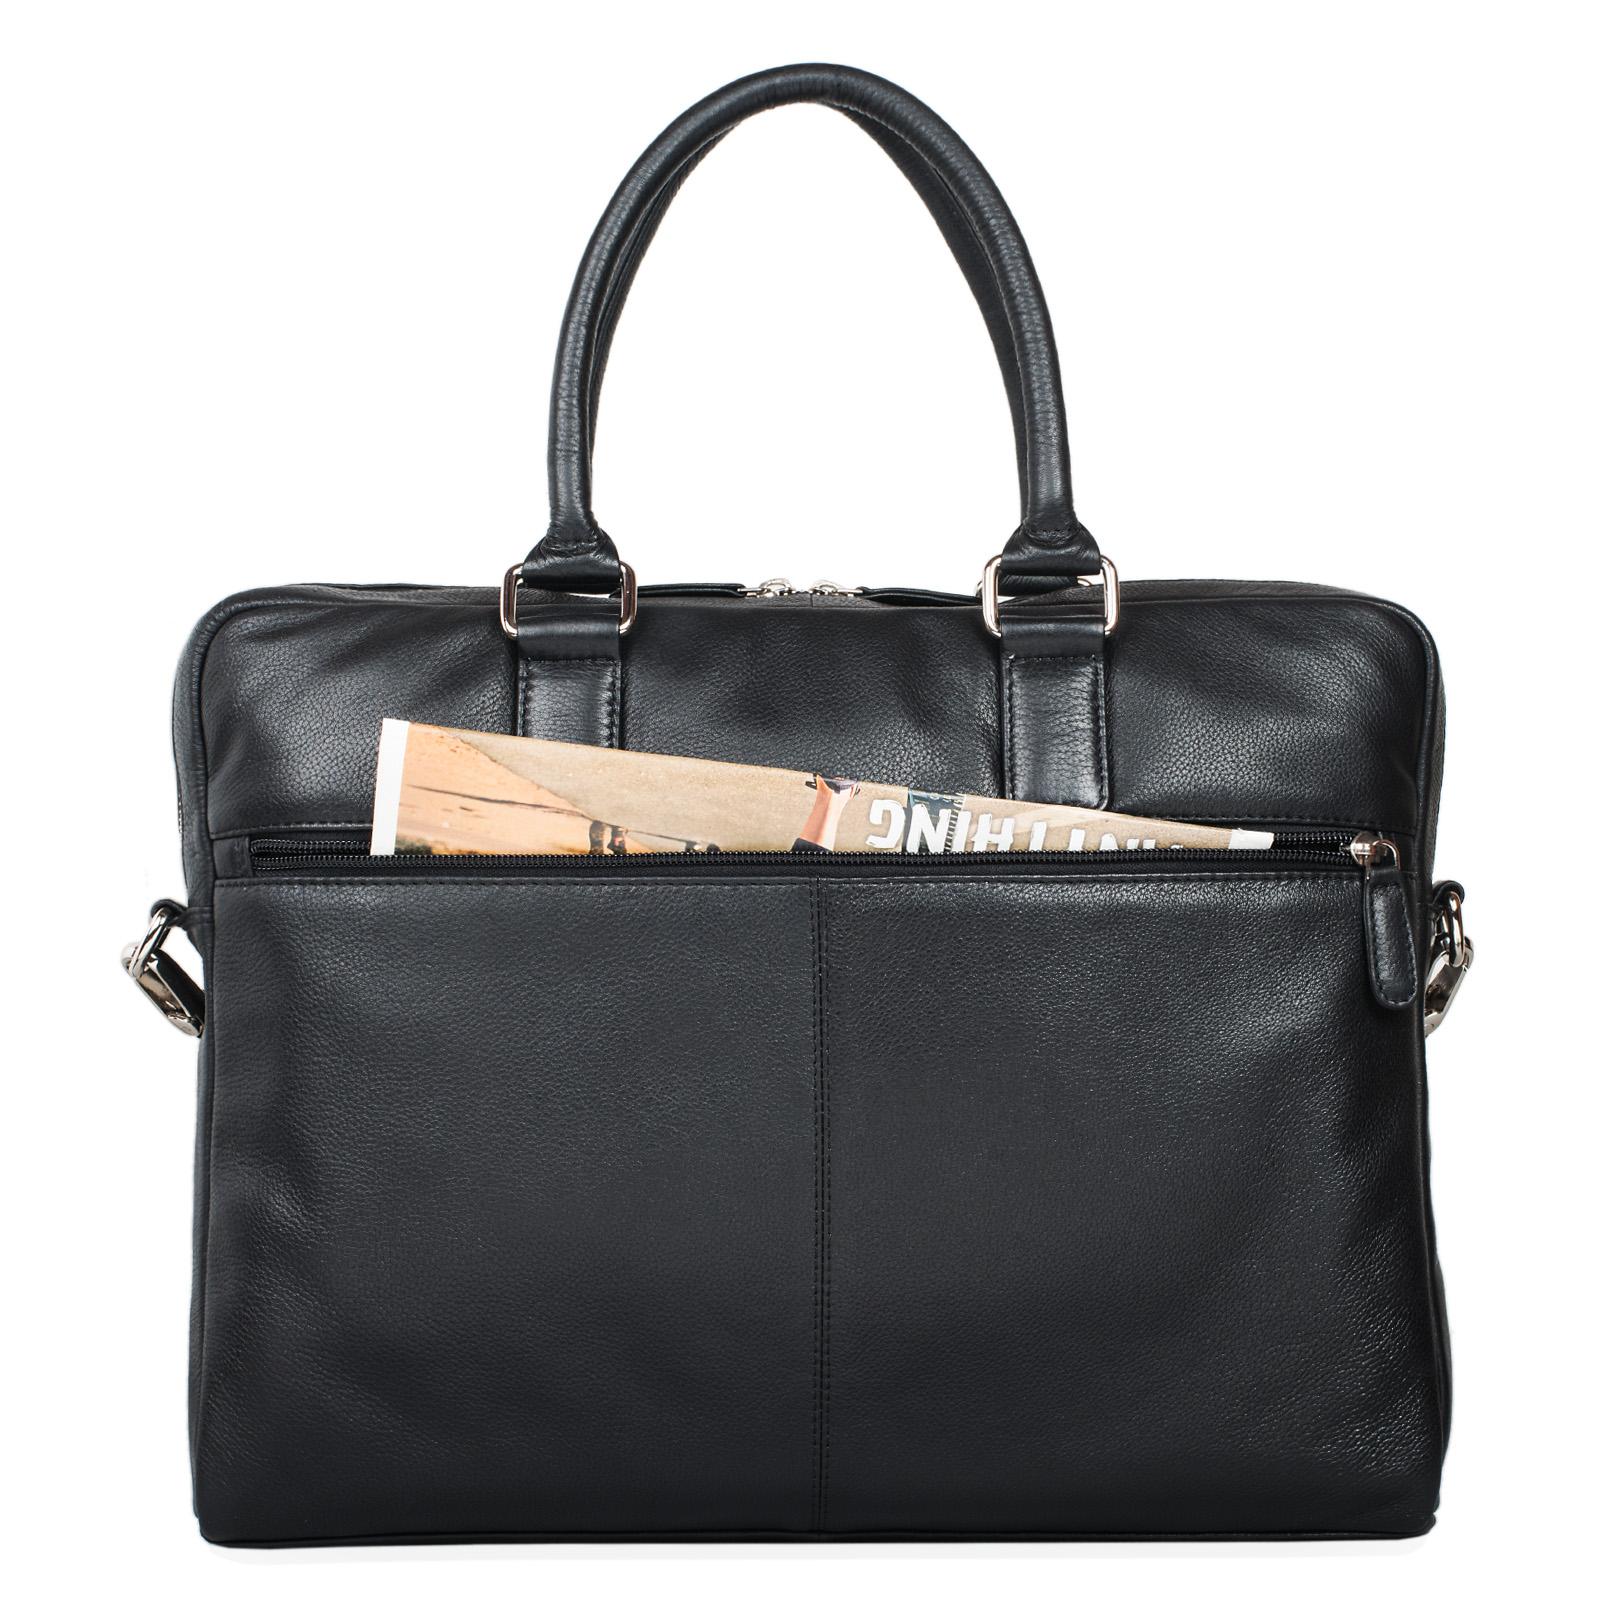 """STILORD """"Emilio"""" Umhängetasche Leder Vintage groß Schultertasche elegante Handtasche für Büro Business Arbeit Laptop 13.3 Zoll Aktentasche DIN A4 - Bild 14"""